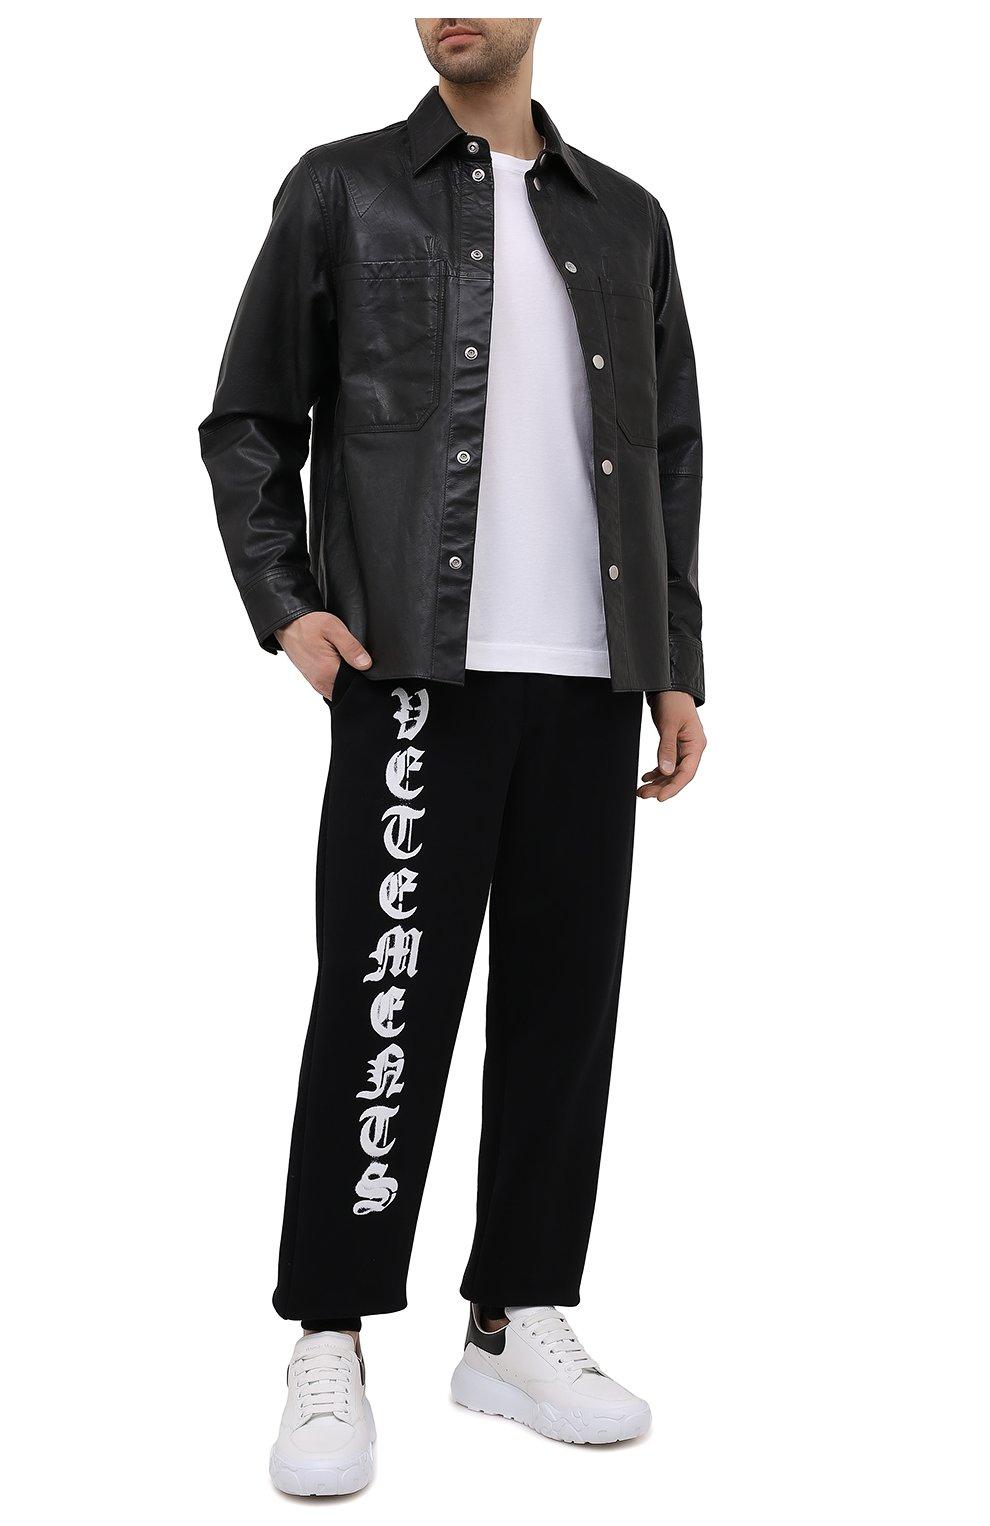 Мужские хлопковые джоггеры VETEMENTS черного цвета, арт. UA52PA270B 1601/M   Фото 2 (Мужское Кросс-КТ: Брюки-трикотаж; Длина (брюки, джинсы): Стандартные; Силуэт Ж (брюки и джинсы): Джоггеры; Женское Кросс-КТ: Джоггеры - брюки; Материал внешний: Хлопок; Стили: Спорт-шик; Силуэт М (брюки): Джоггеры)